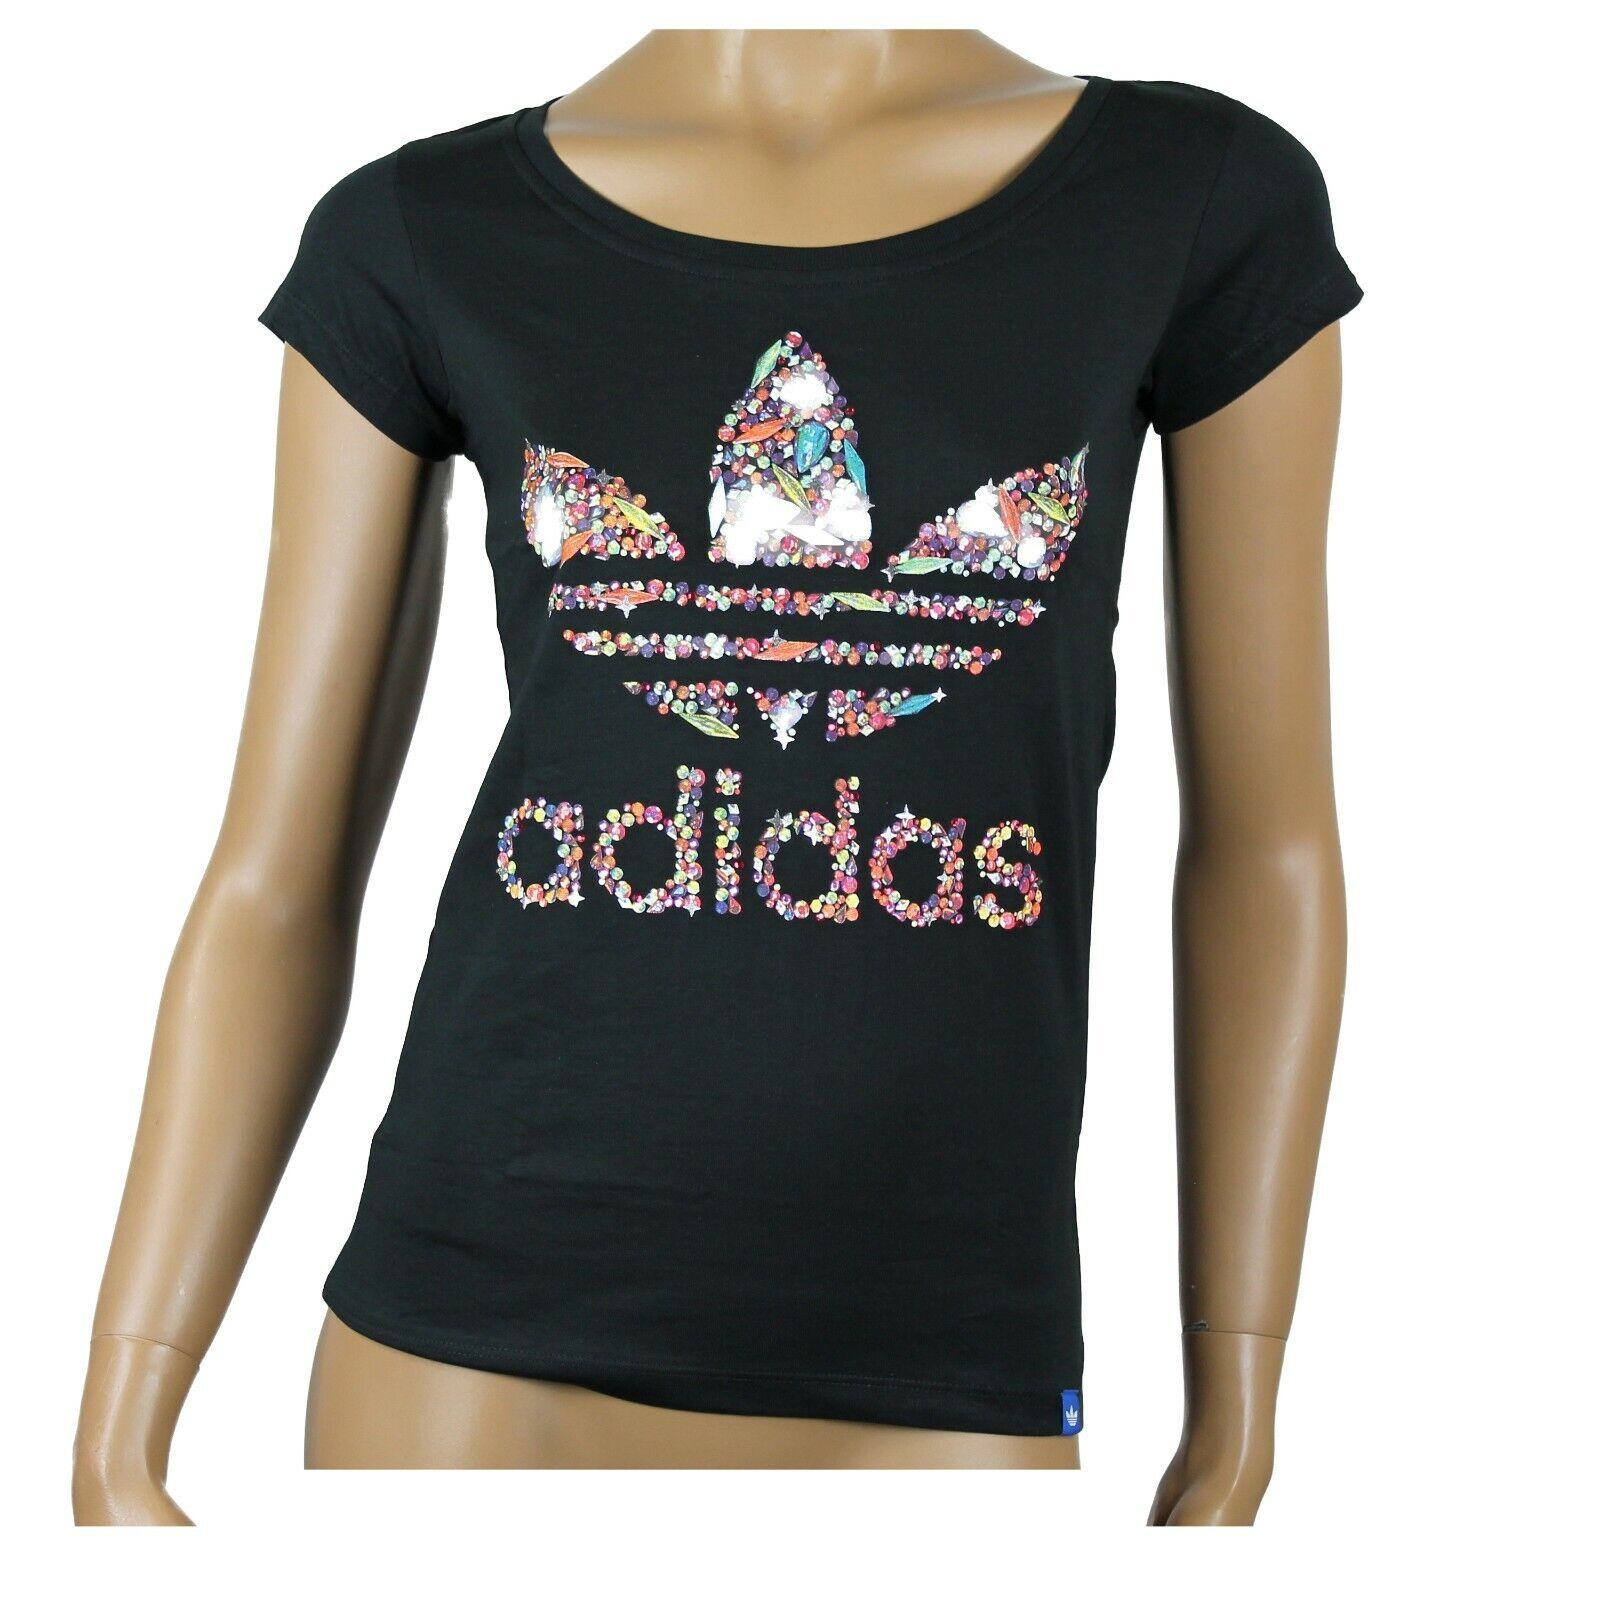 adidas Originals Damen T-Shirt schwarz Strasssteine